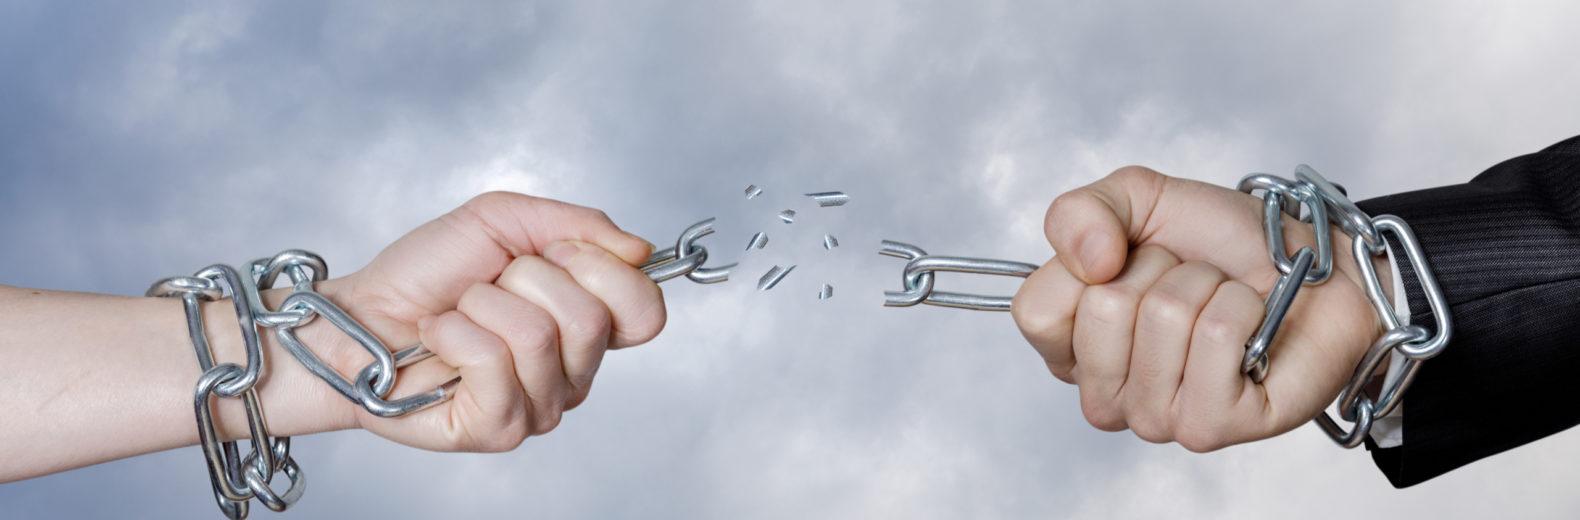 Hoe afhankelijk ben jij van je IT-leverancier?